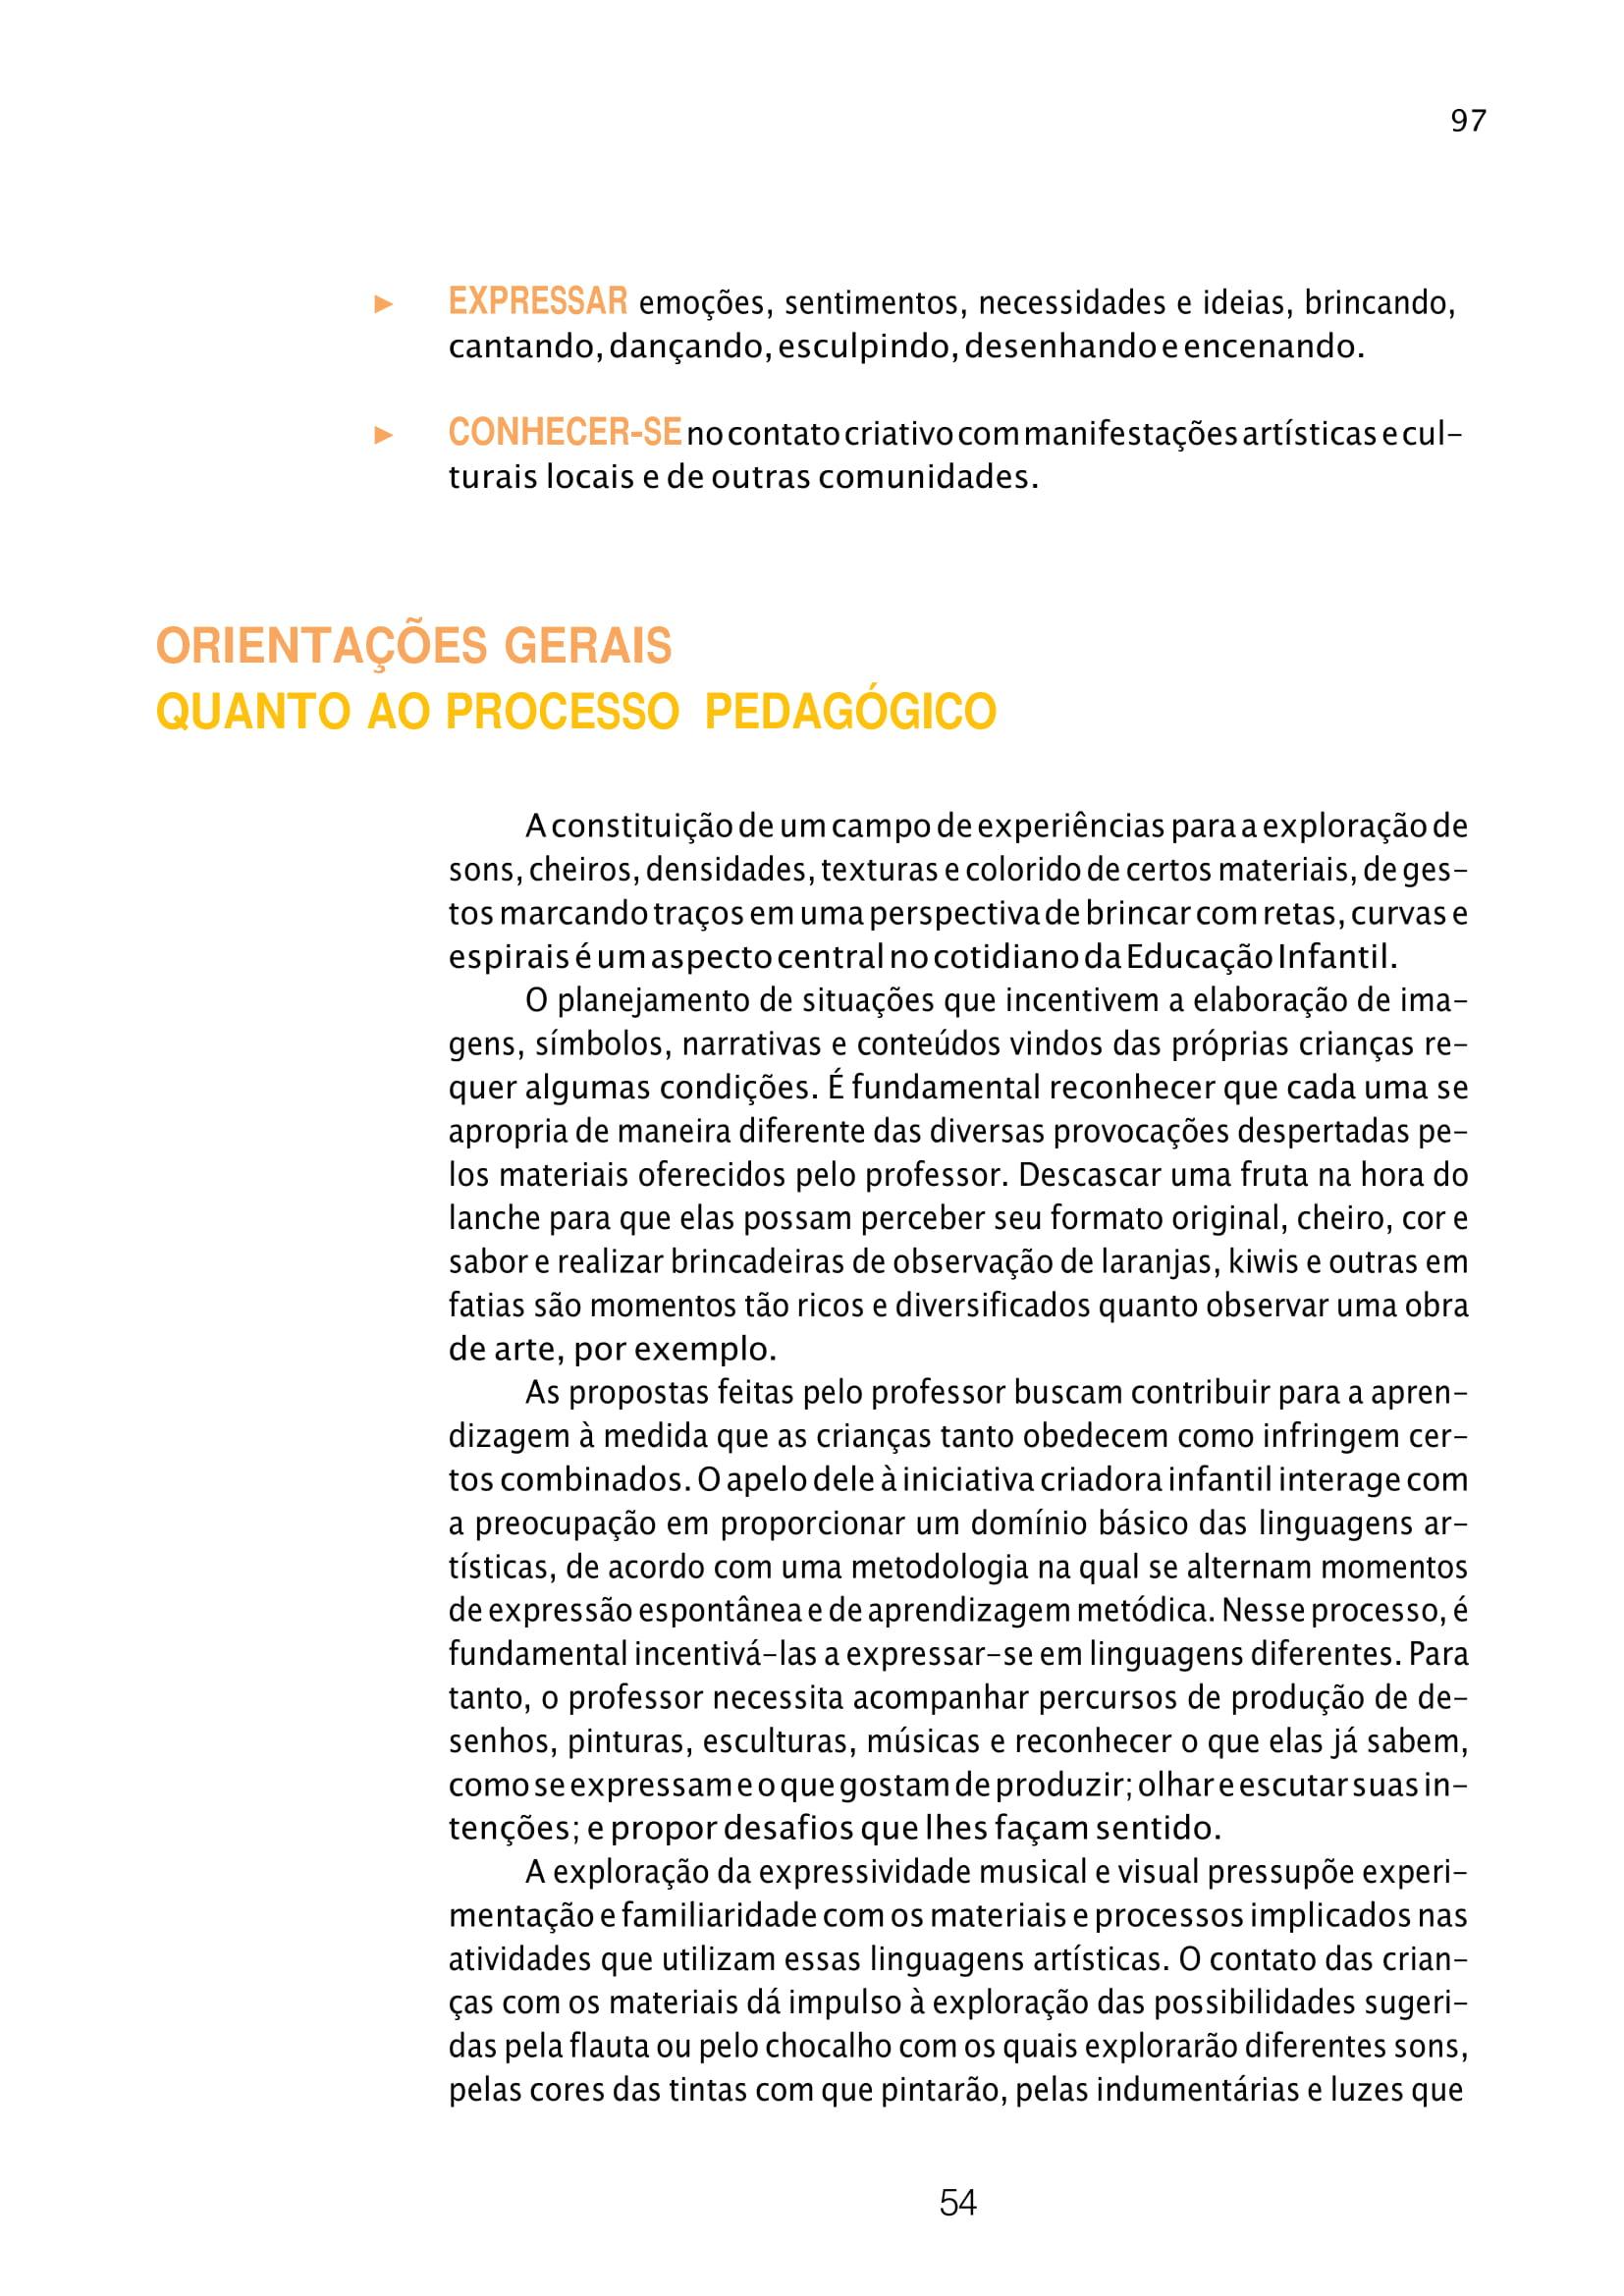 planejamento-educação-infantil-bncc-geral-127